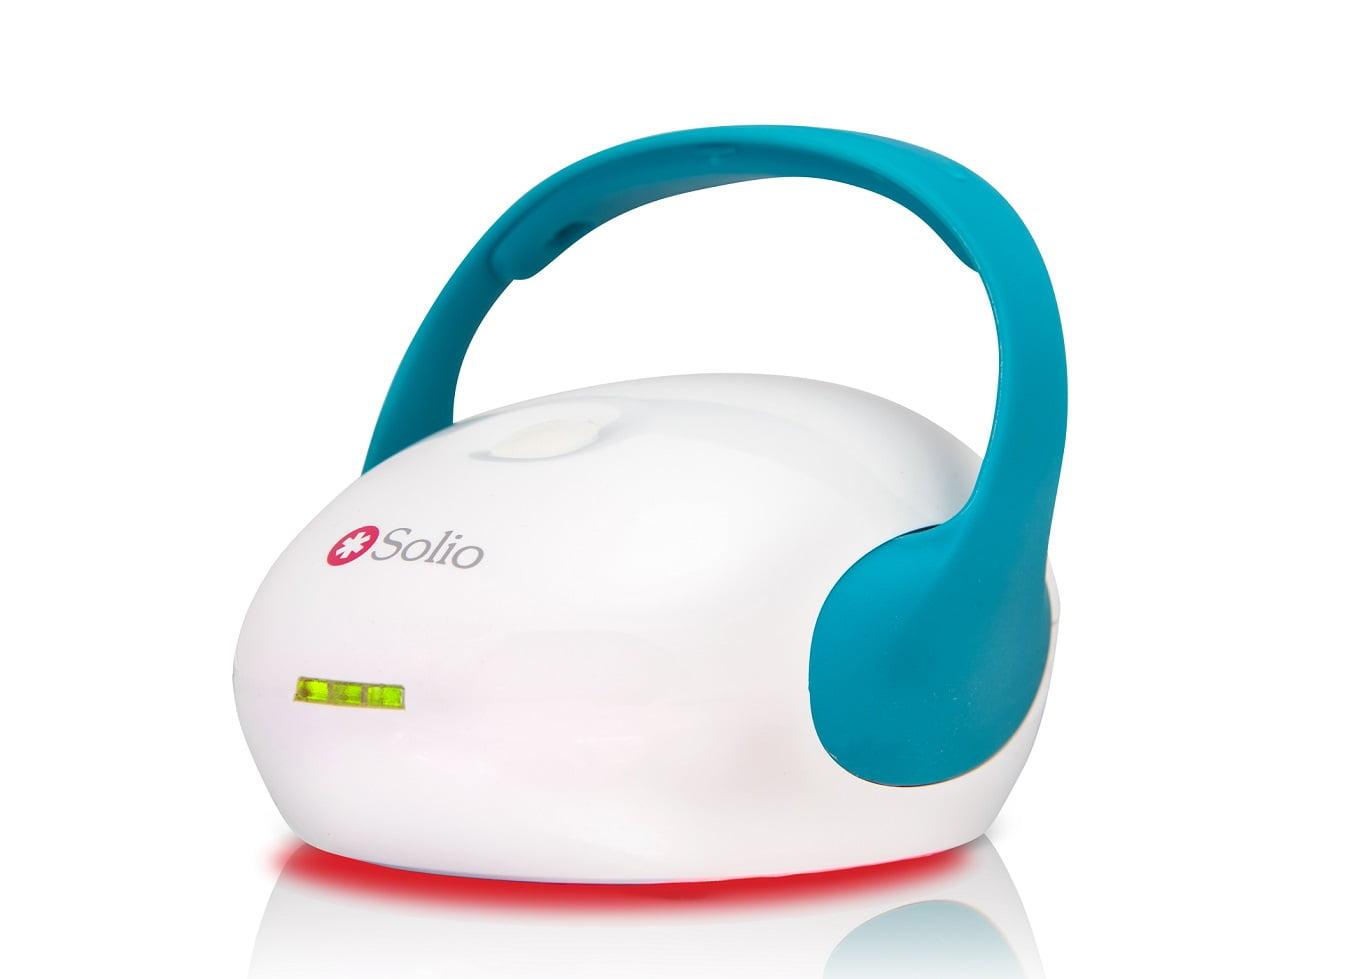 Solio Alfa Plus device